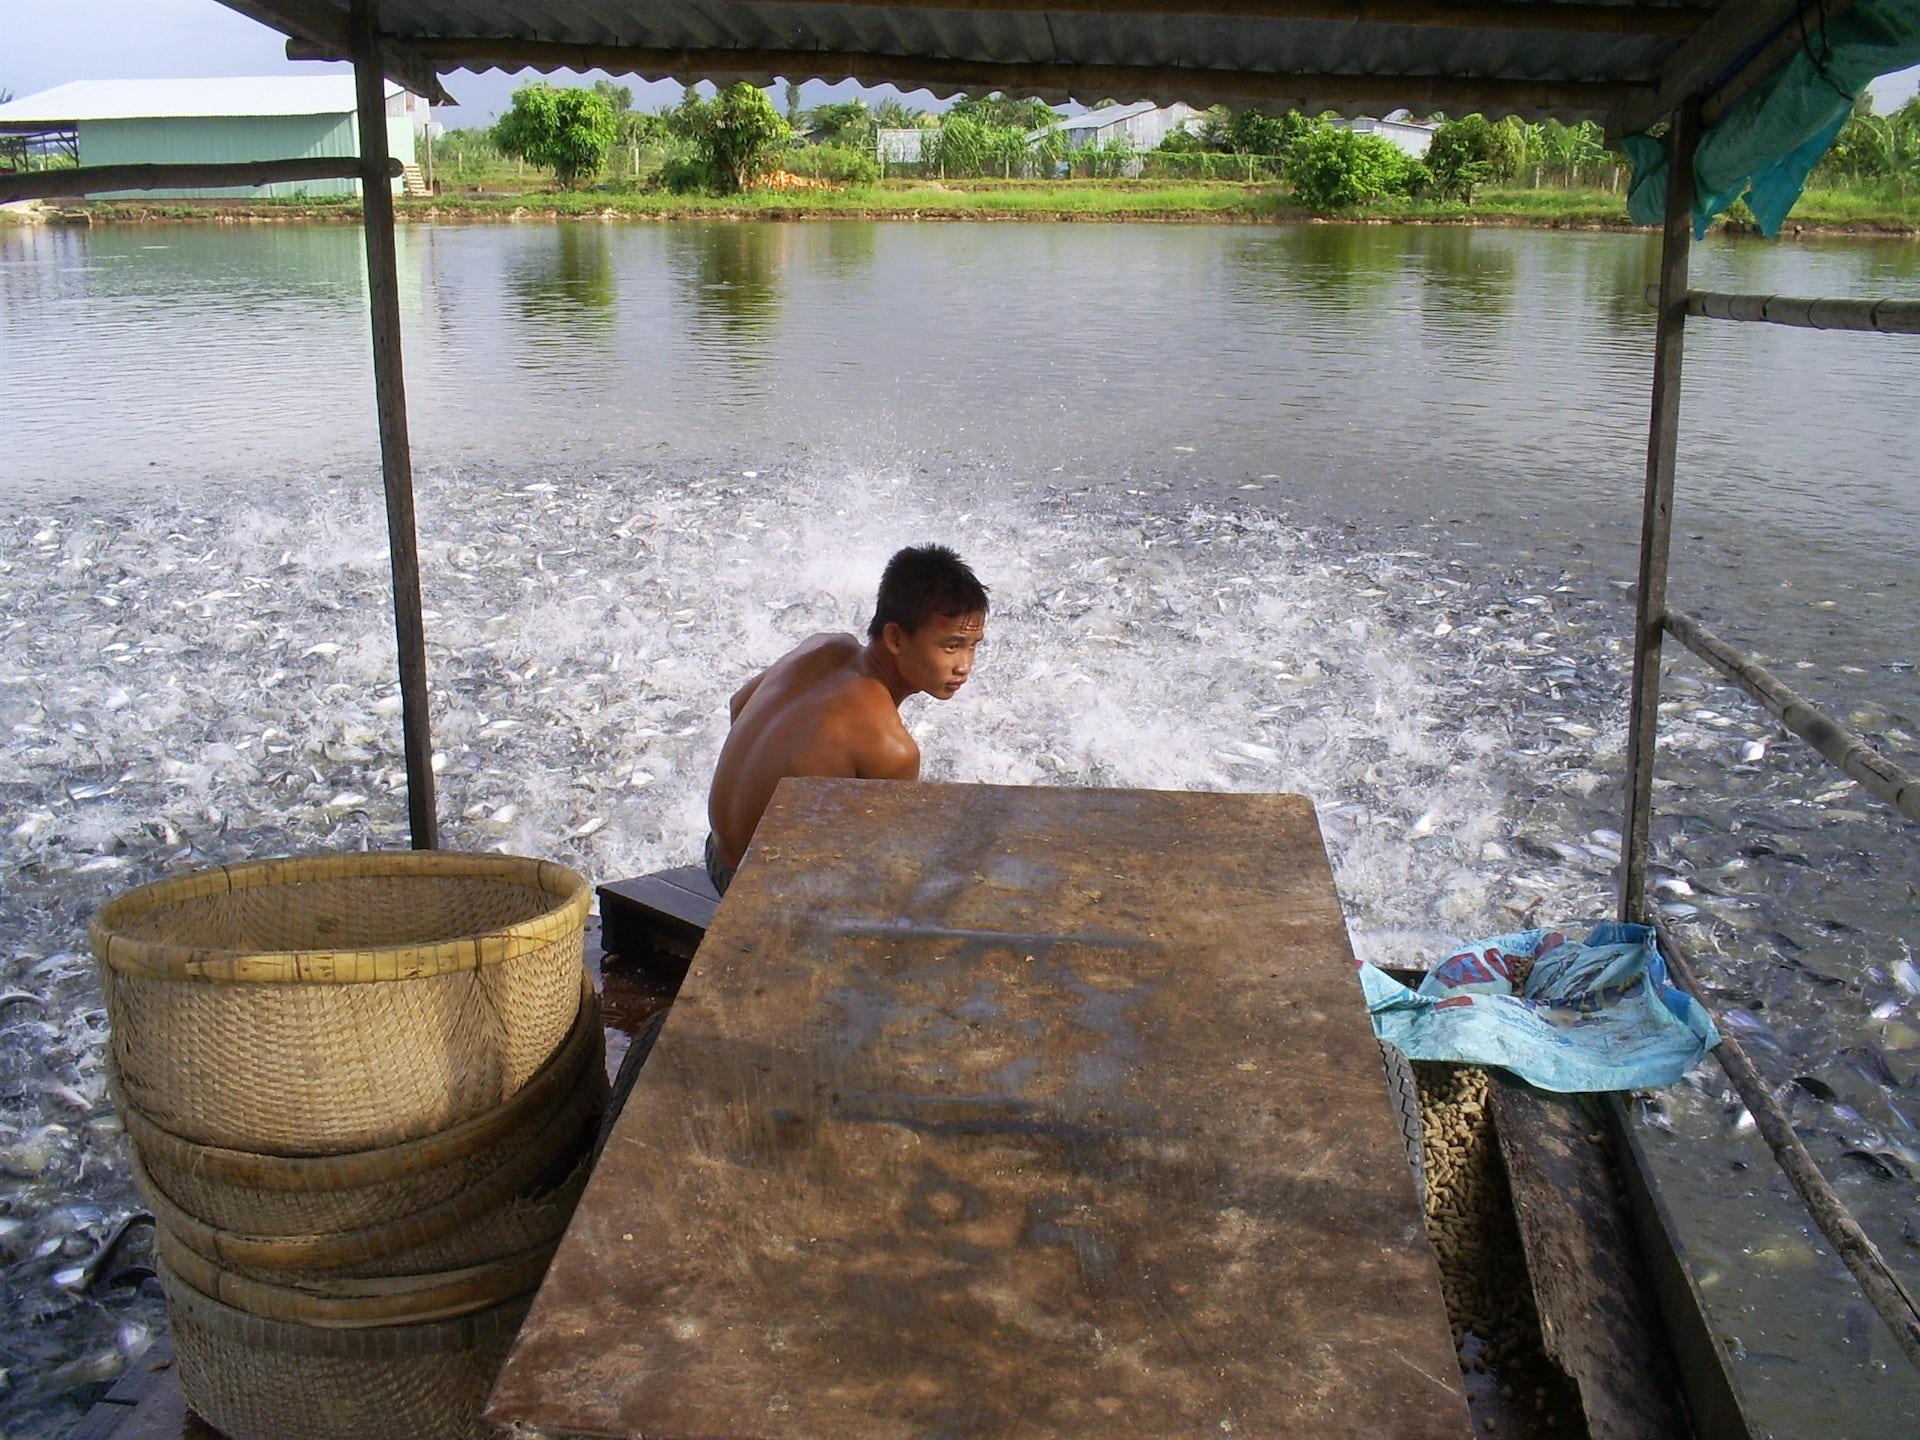 Farming pangasius catfish for export in Vietnam